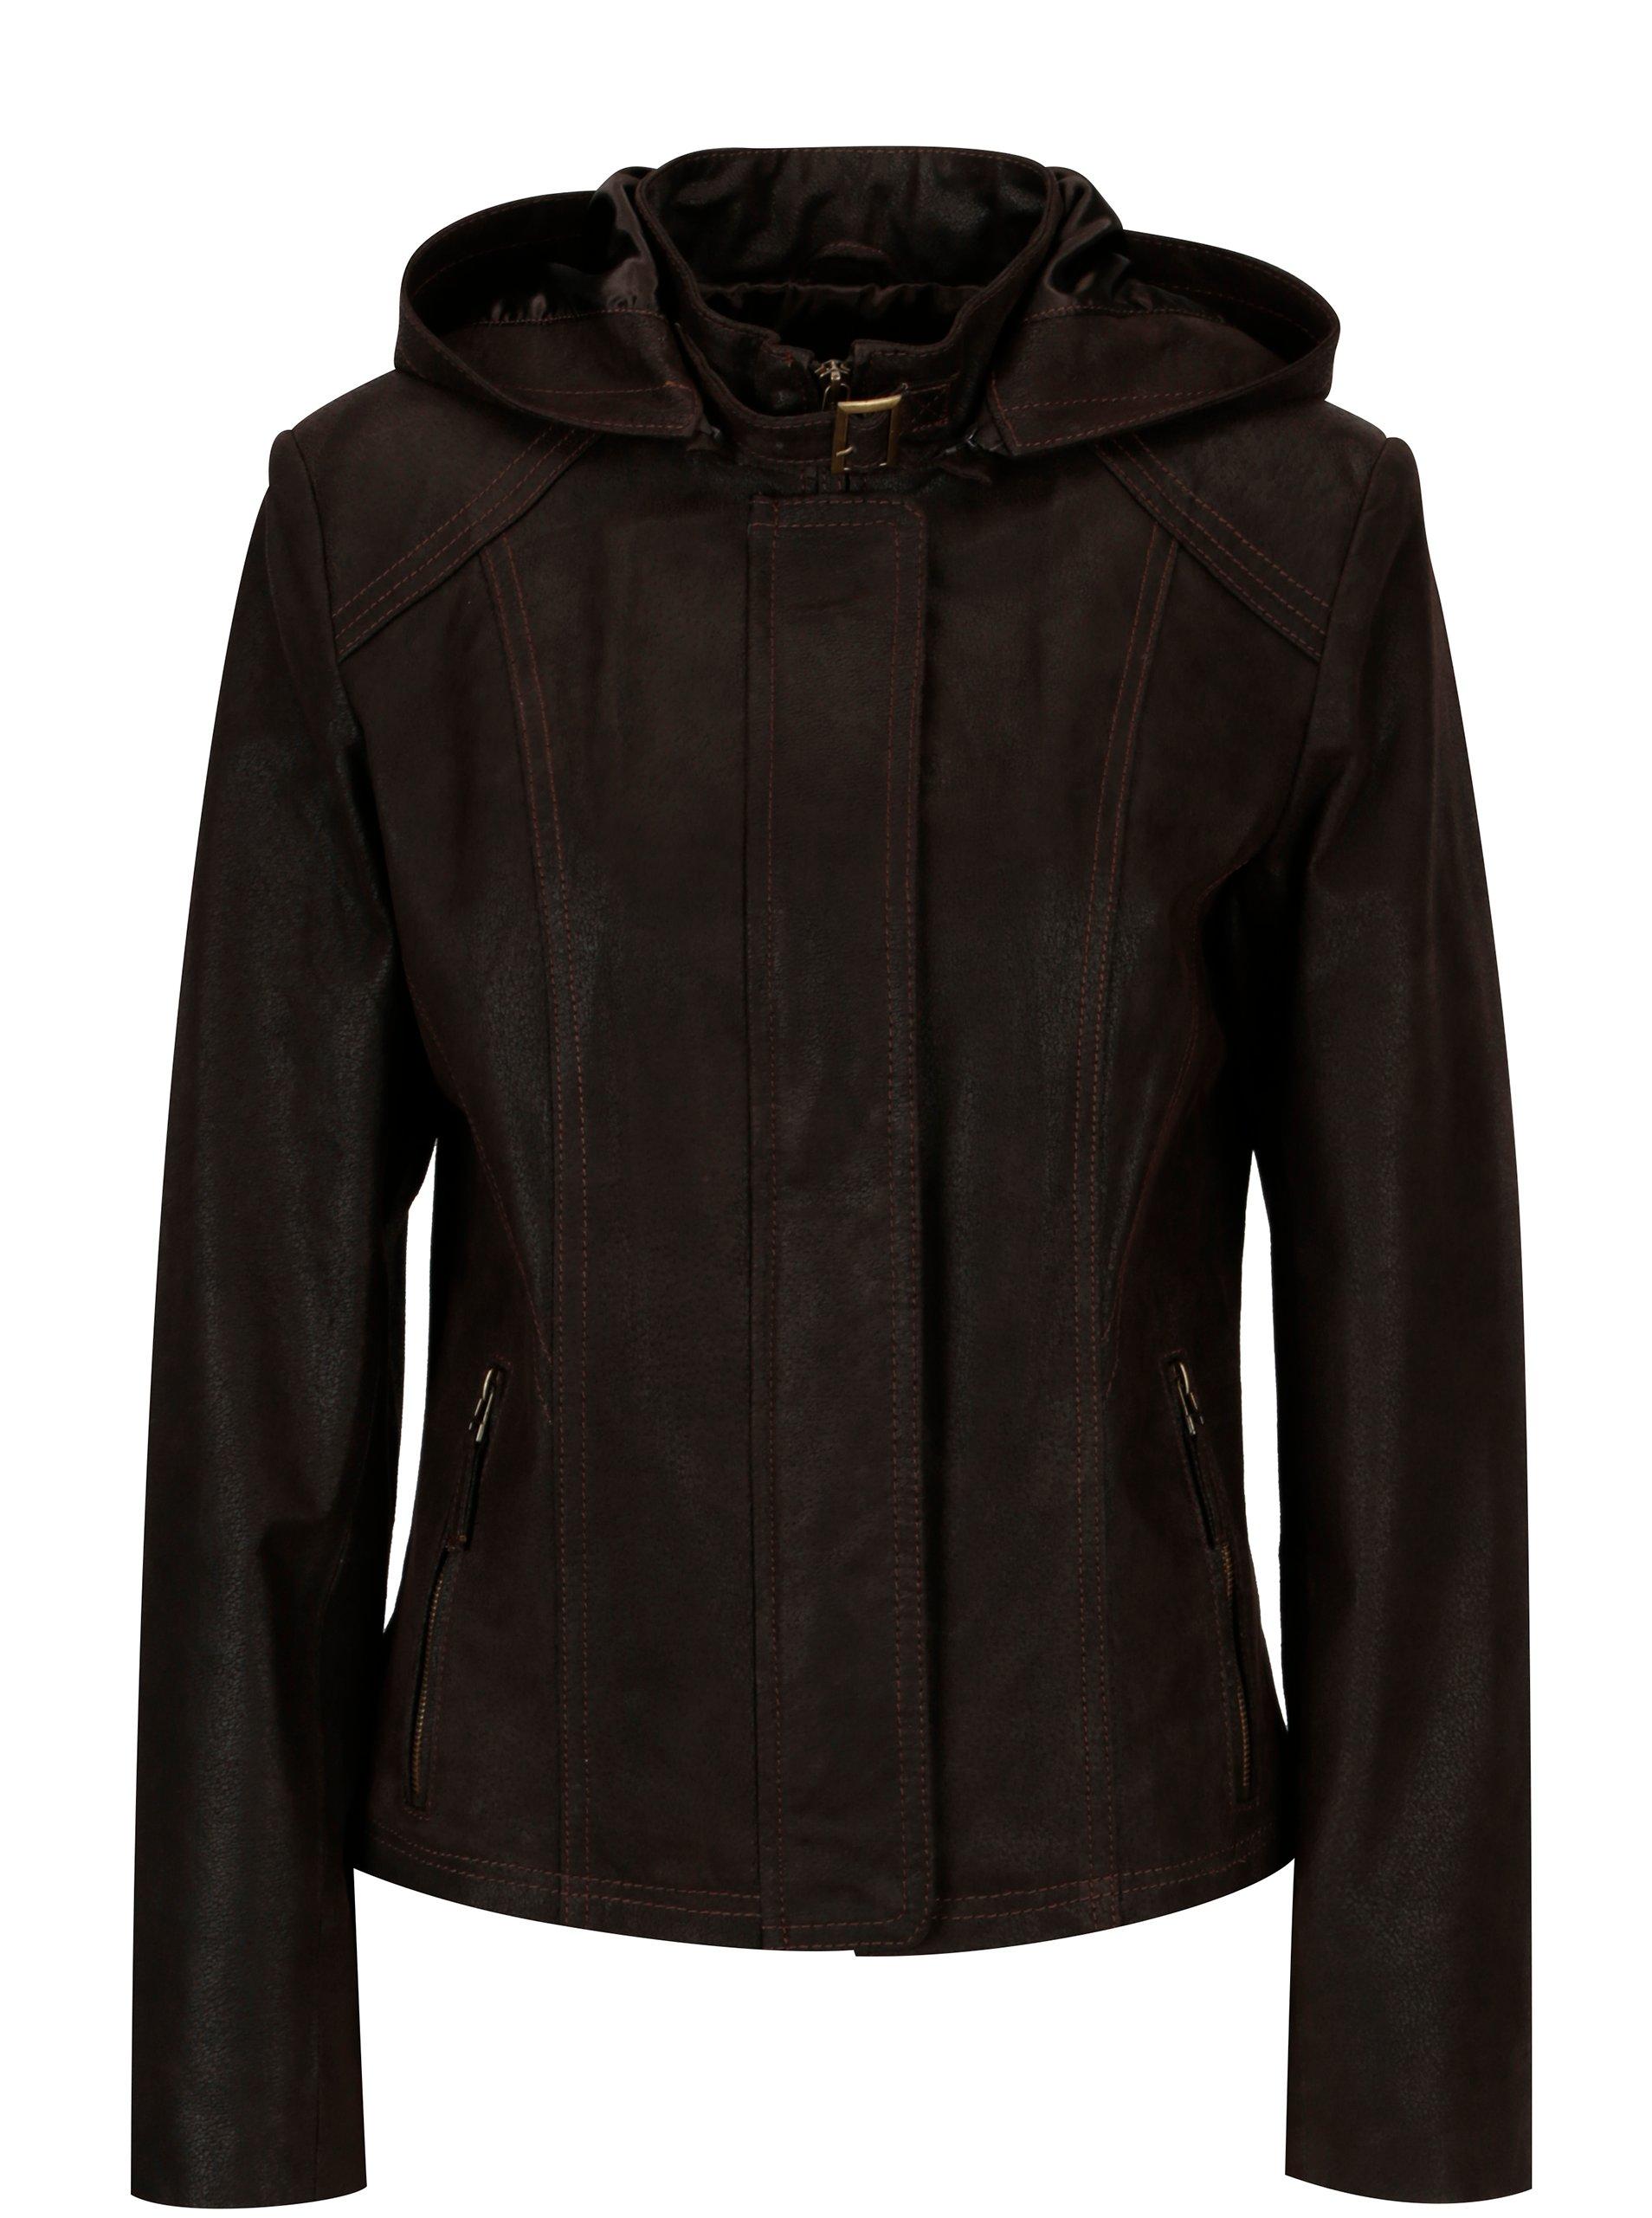 Tmavohnedá dámska kožená bunda kapucňou KARA Dominika B d2e94d12aeb